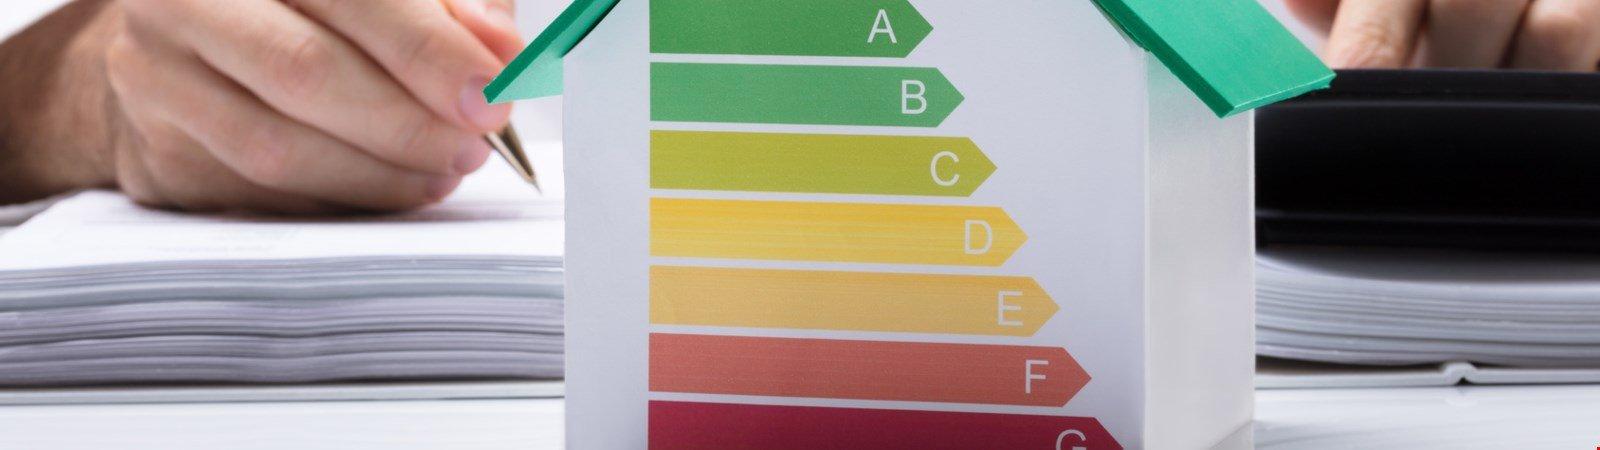 Das Energieeinspargesetz: Der gesetzliche Rahmen für mehr Energieeffizienz